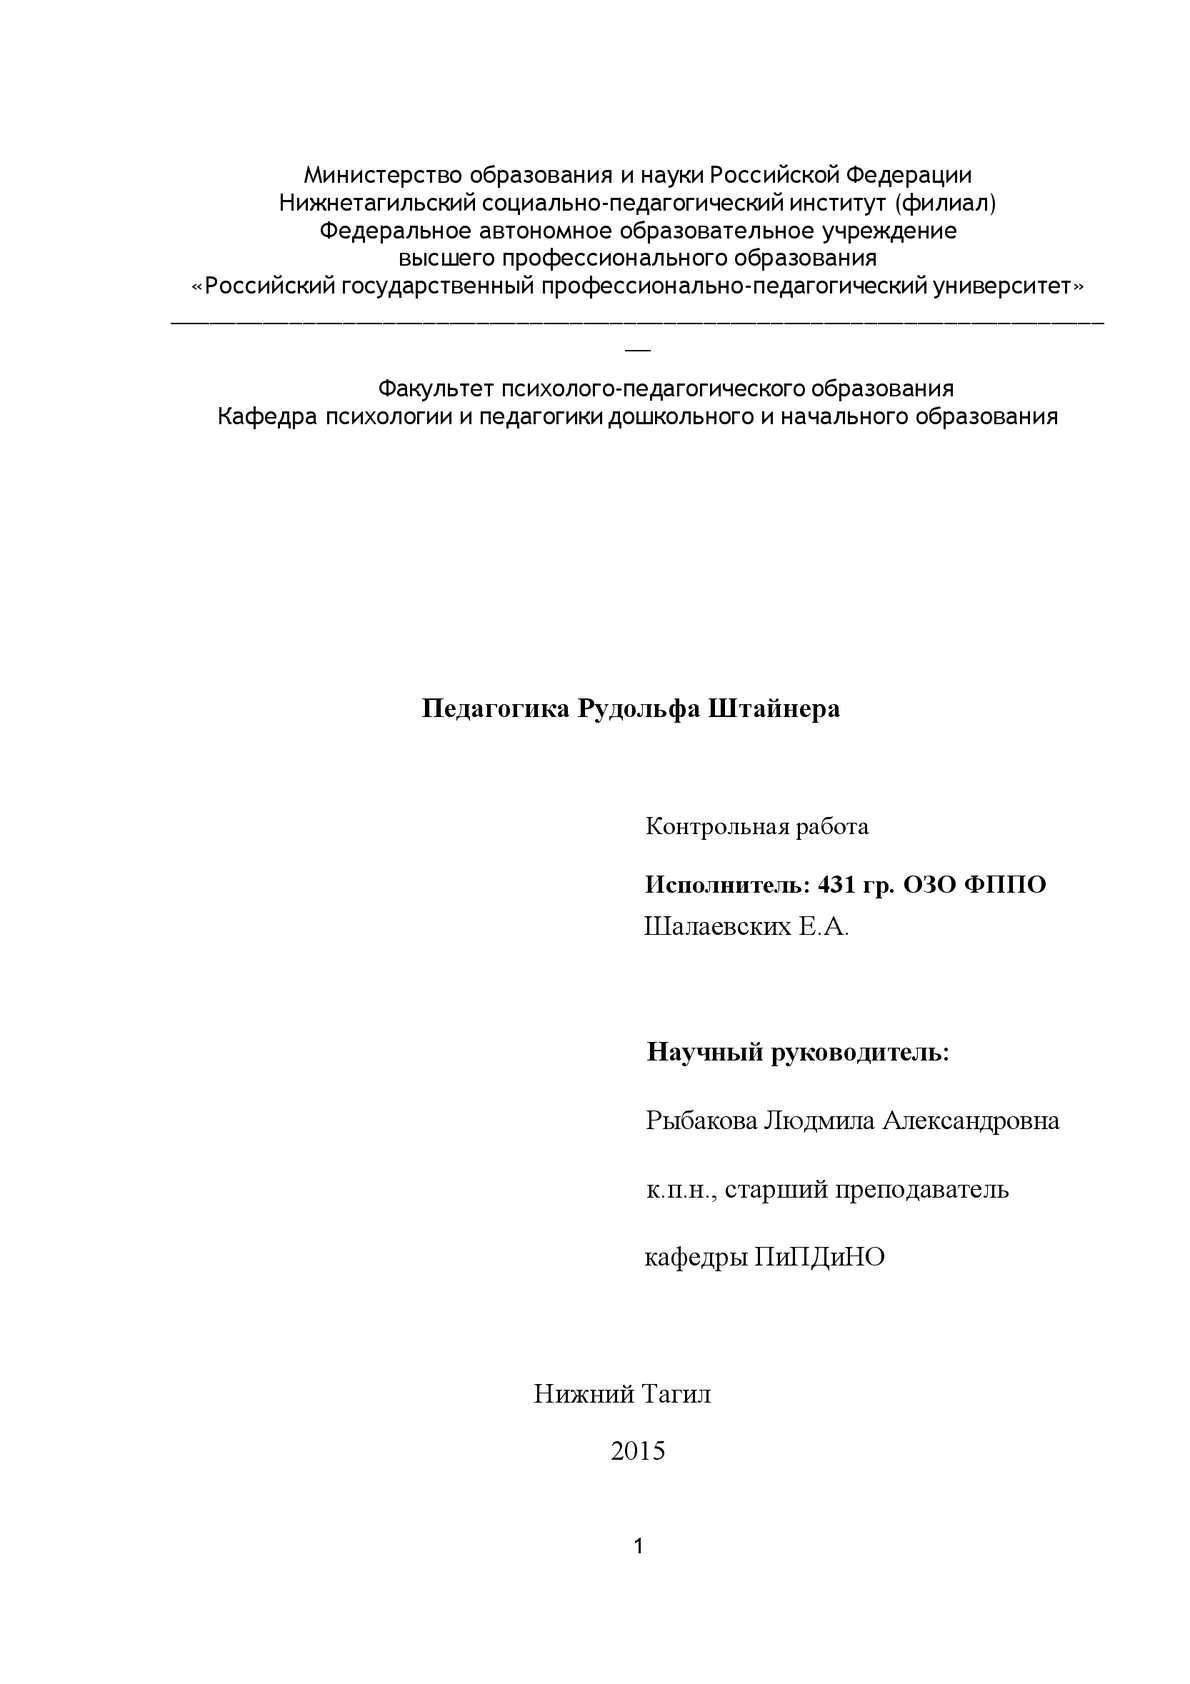 Реферат педагогика рудольфа штайнера 1958